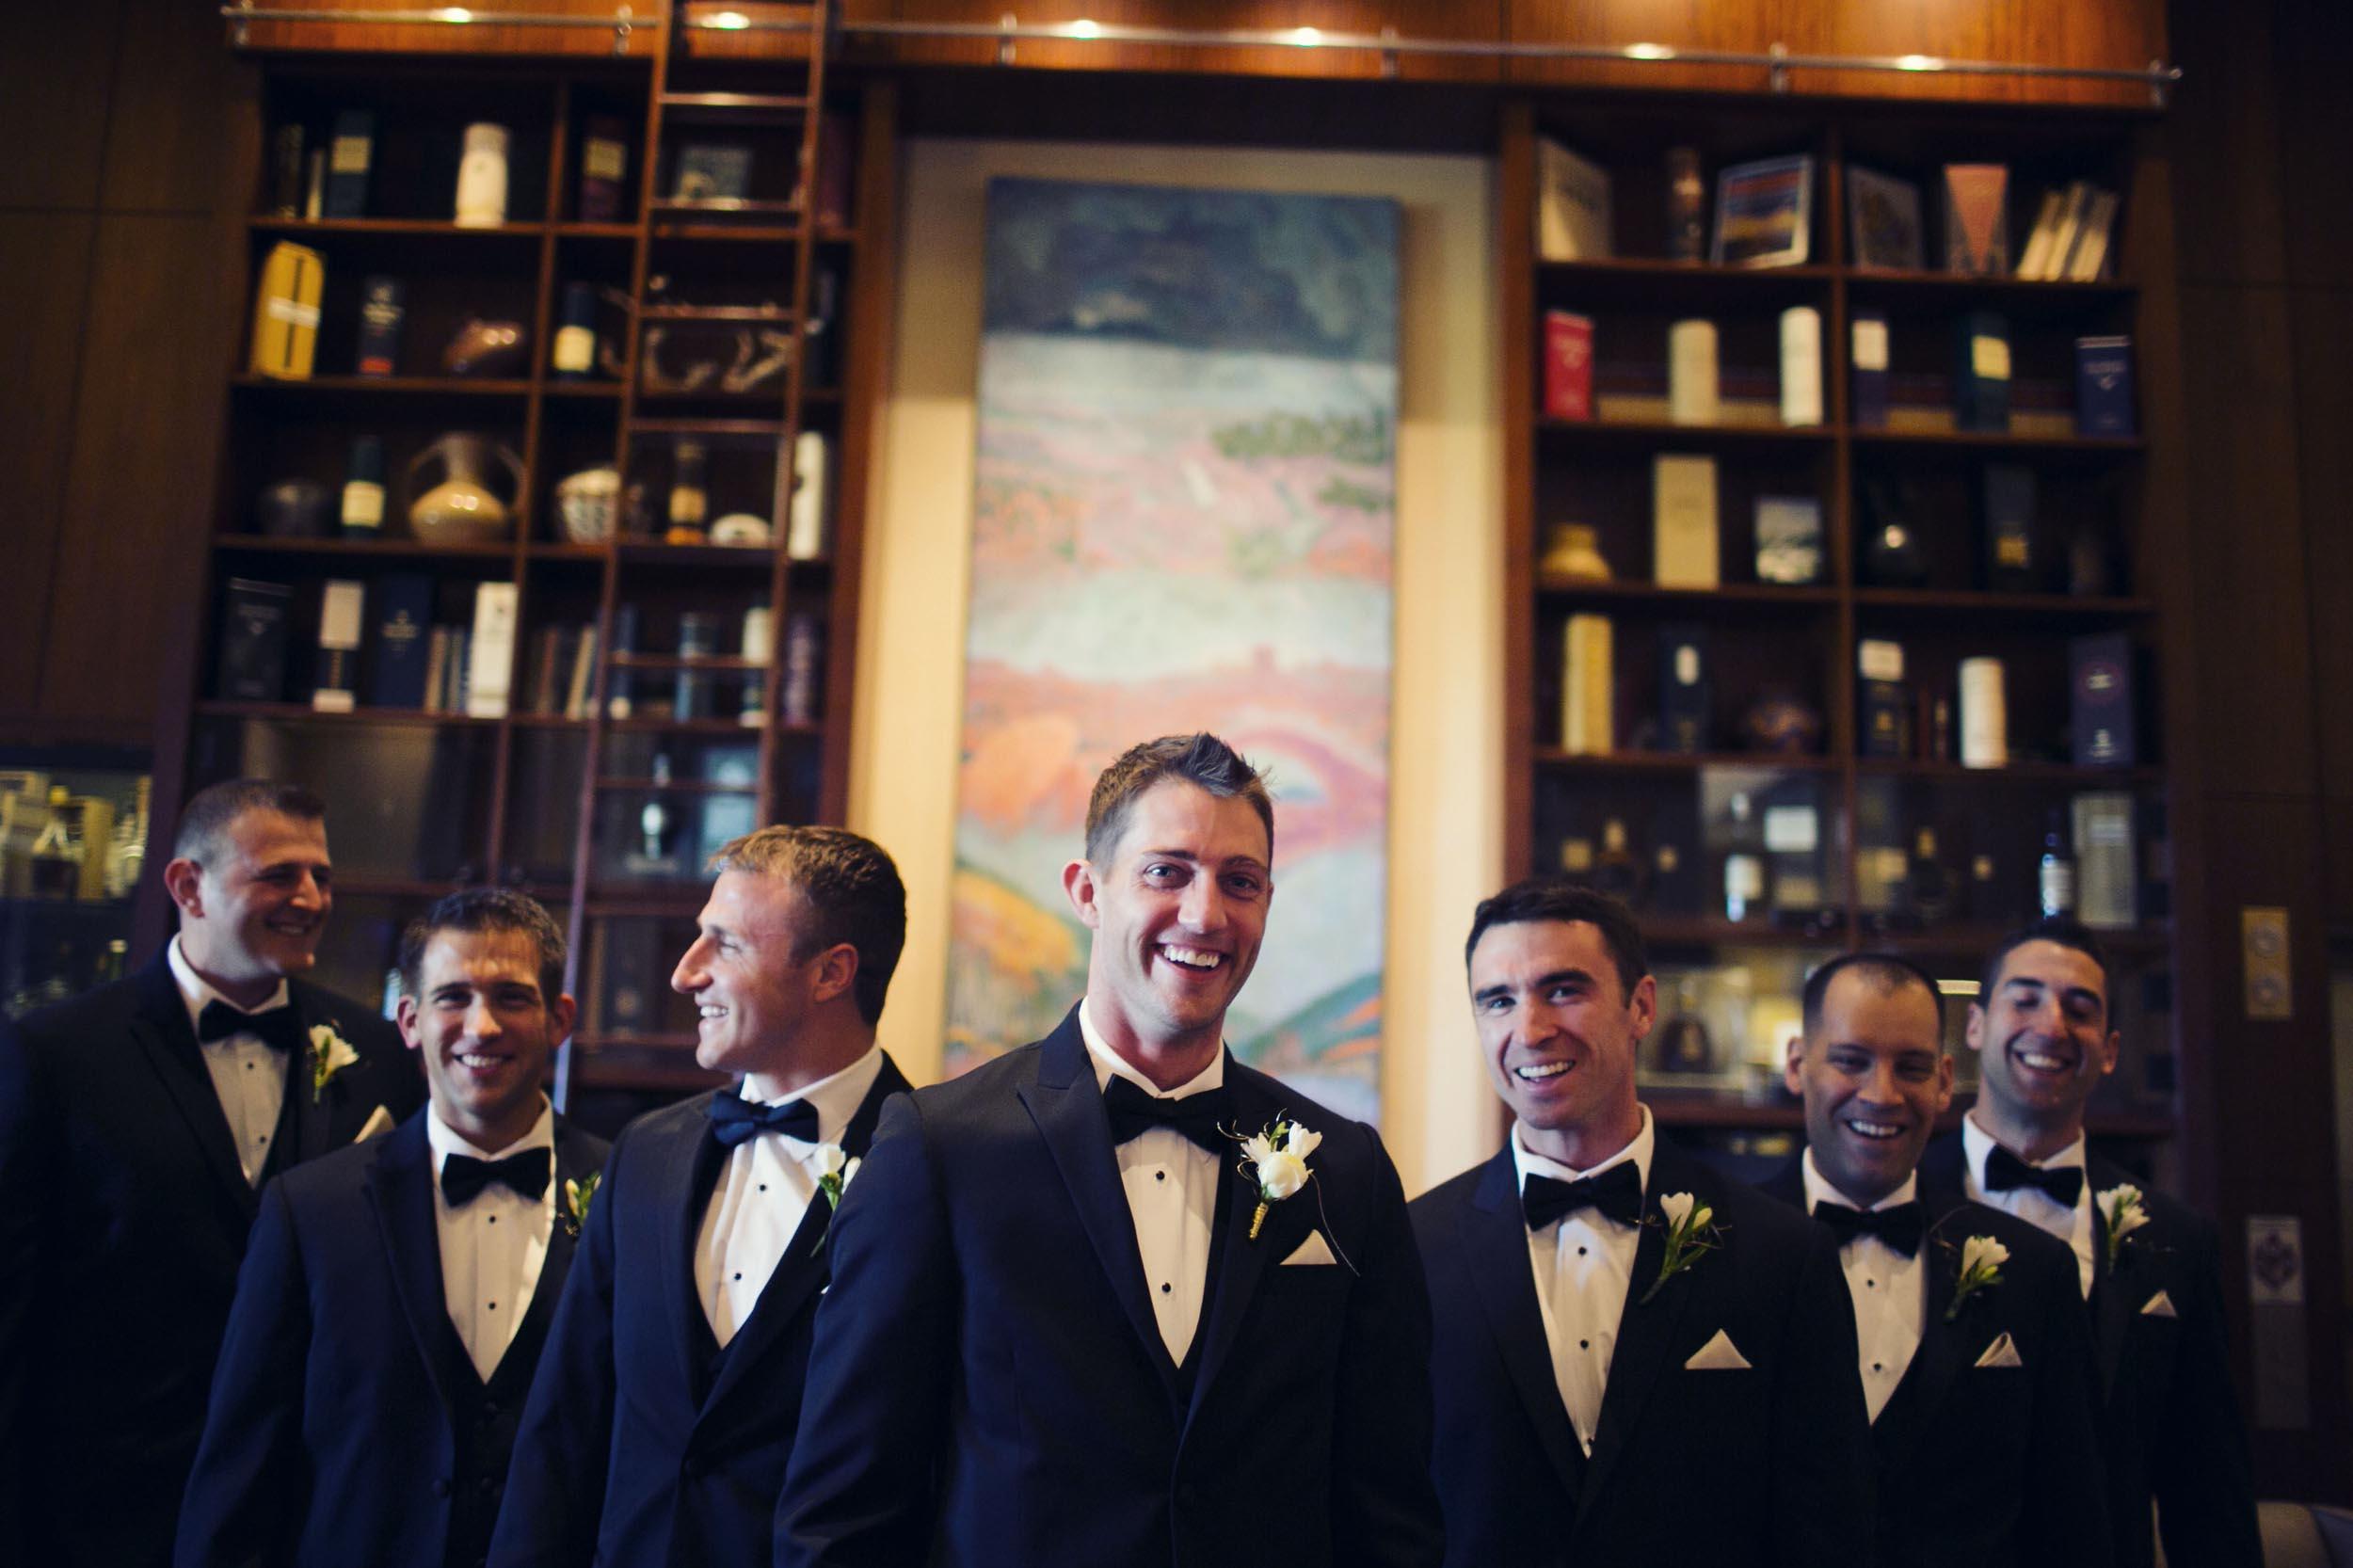 weddings-scottsdale-12.JPG